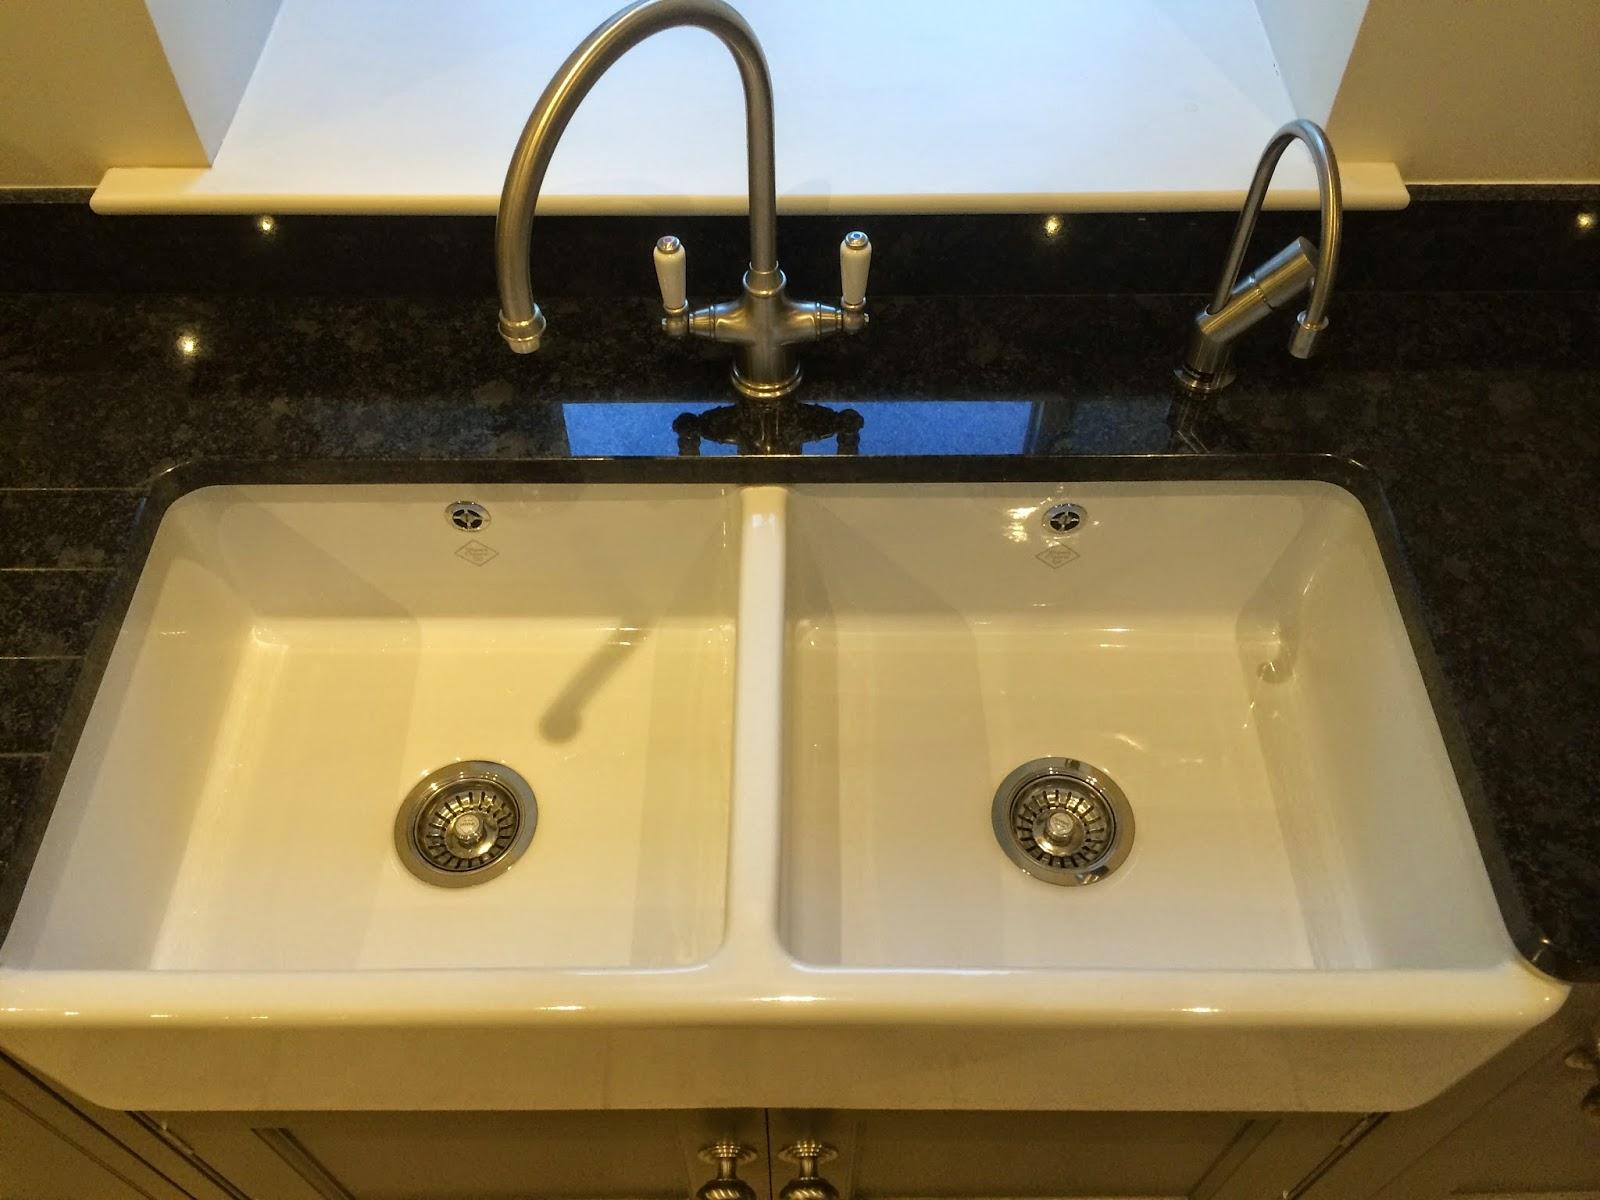 NEWLY INSTALLED SHAWS SINK | Kitchen Sinks by Shaws of Darwen